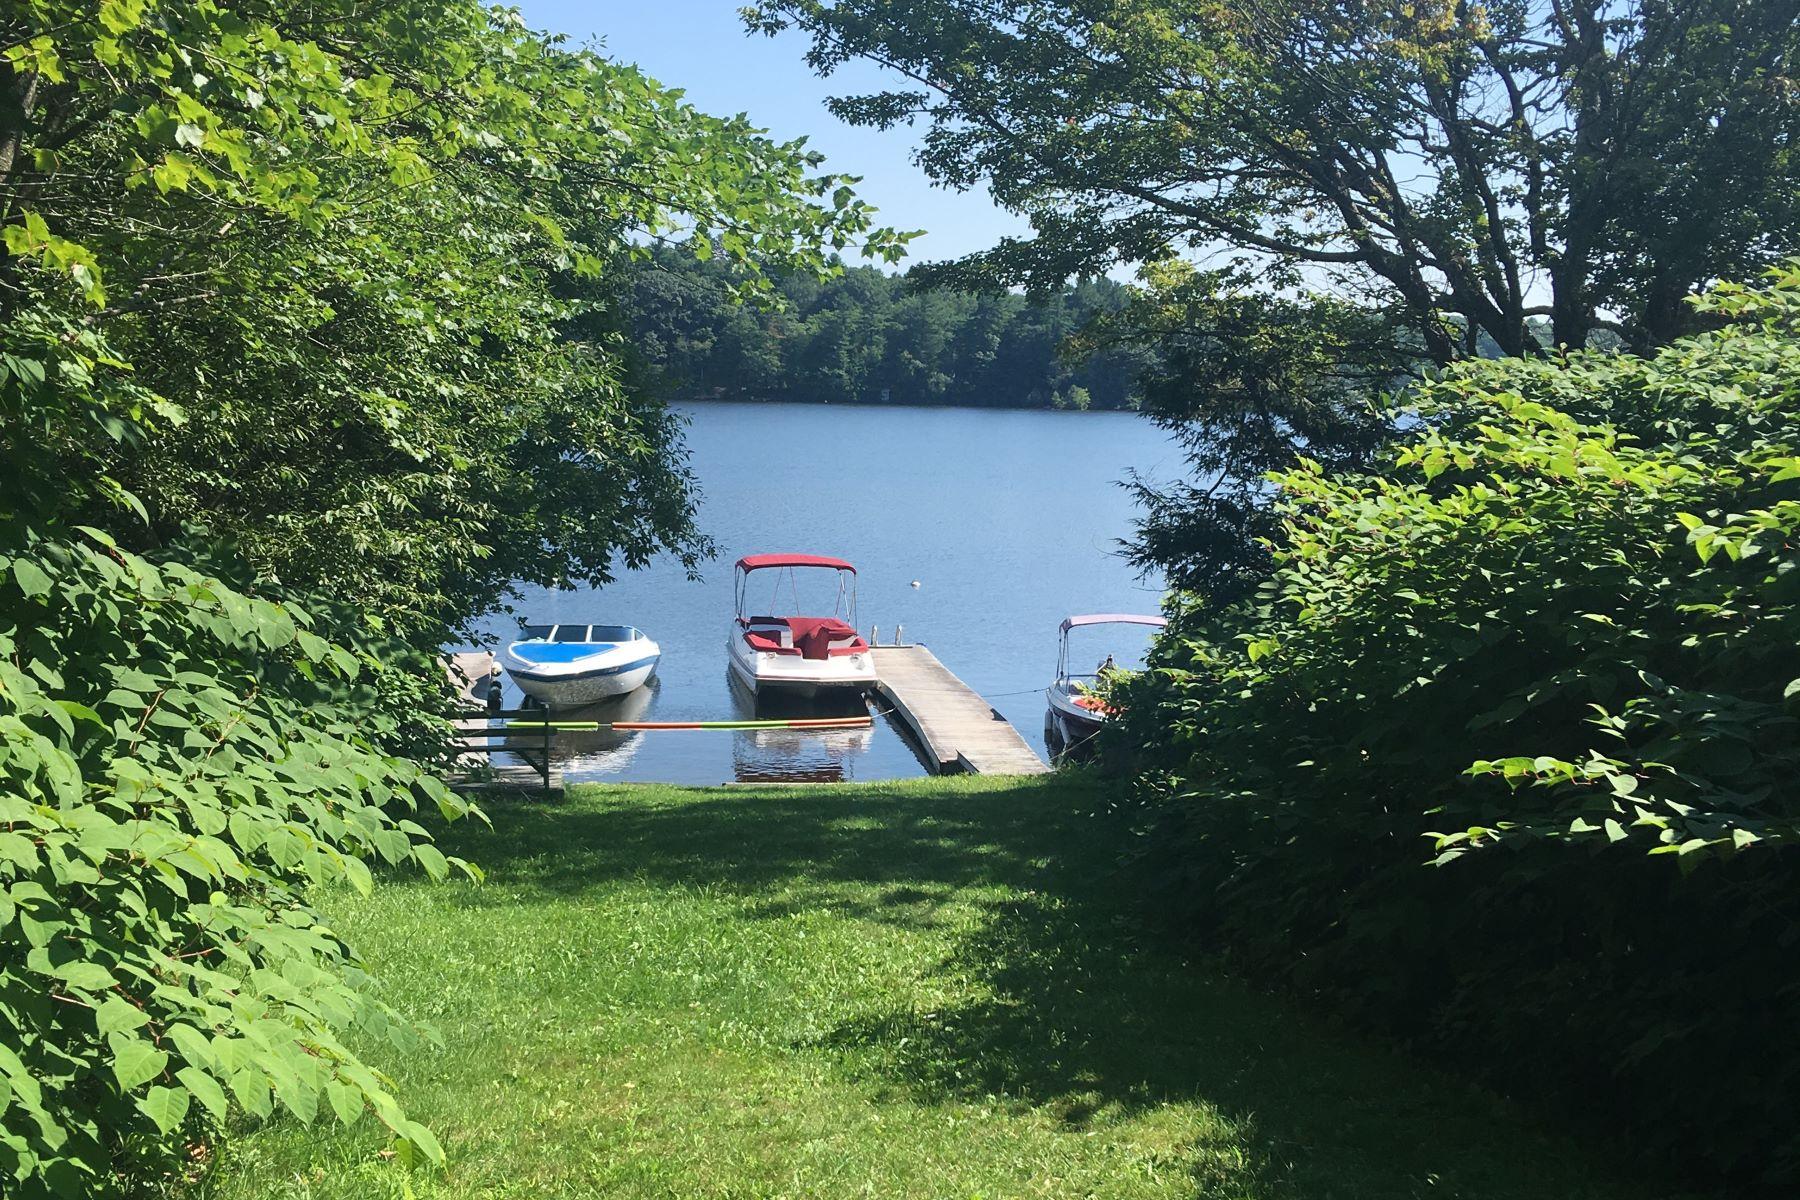 土地,用地 为 销售 在 Water Access to Otis Reservoir Lot 1 Pine Rd Otis, 马萨诸塞州 01253 美国